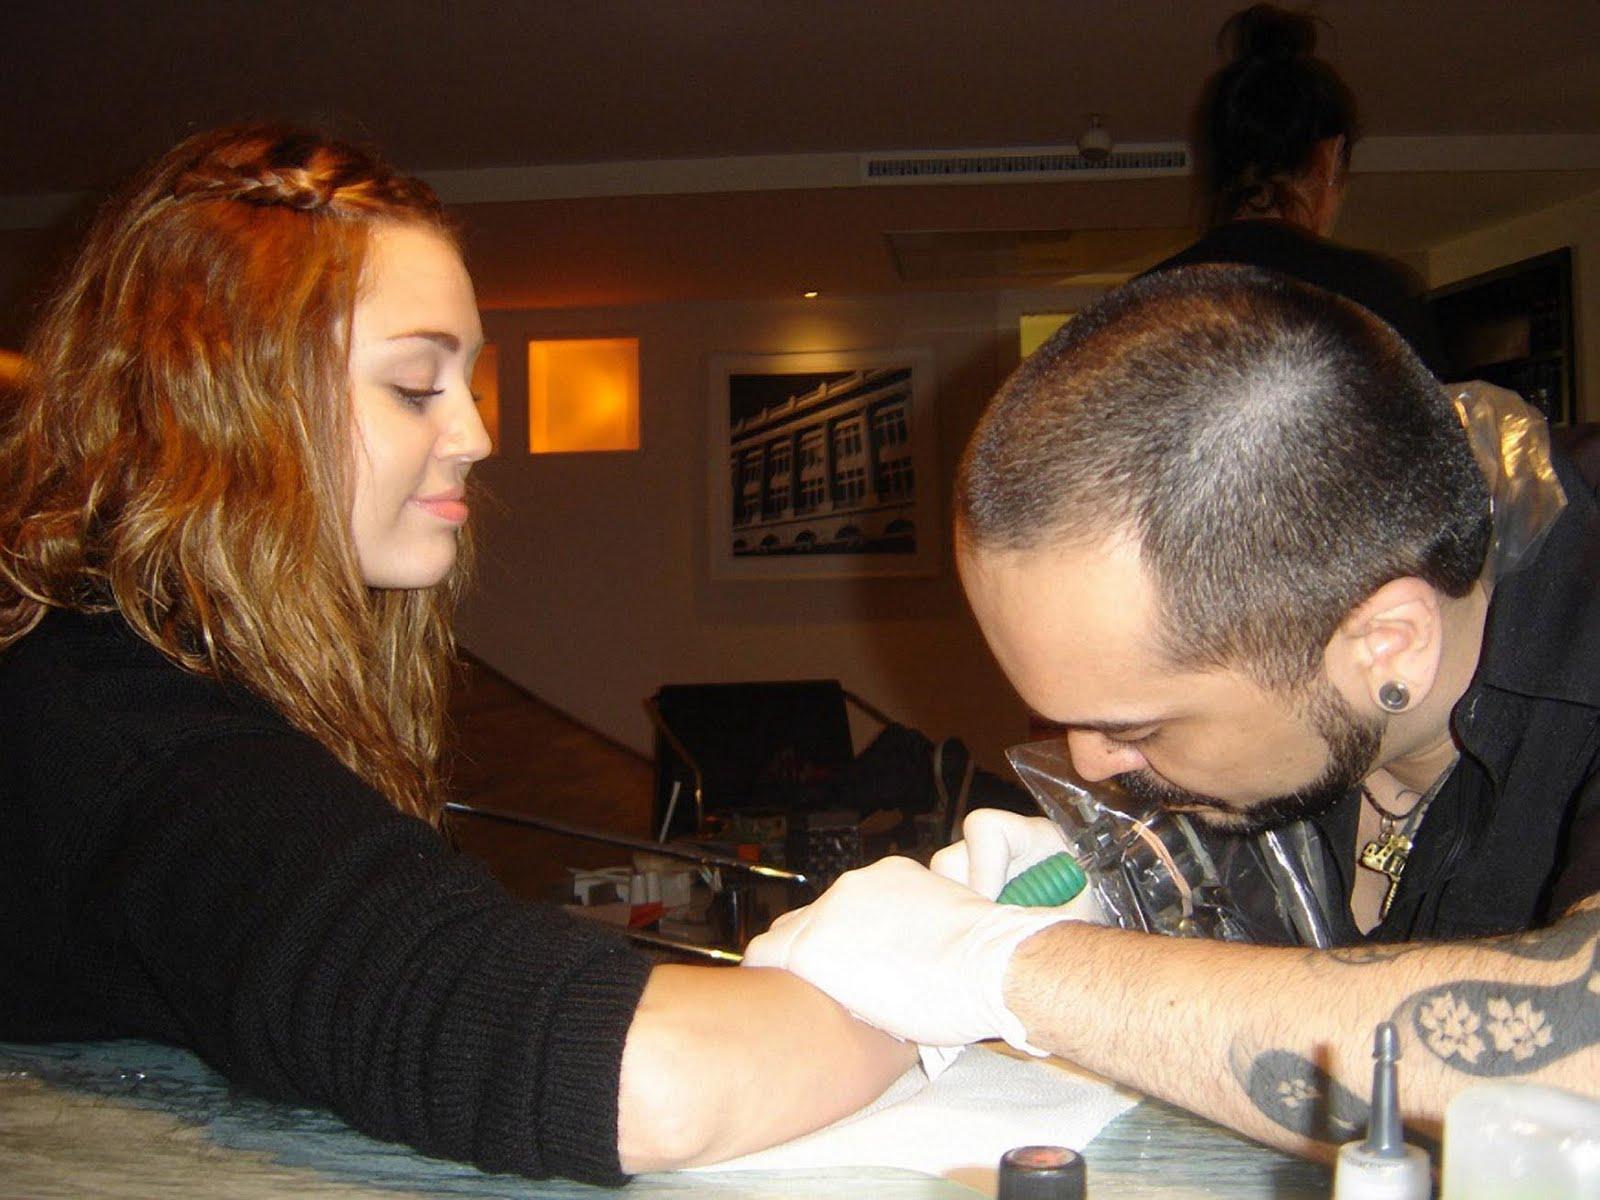 http://3.bp.blogspot.com/-DmvOl8ucLzs/TdIzL1i5jtI/AAAAAAAAKGA/fKSWIaBQodM/s1600/miley_cyrus_tatuaje_tatto_5.jpg